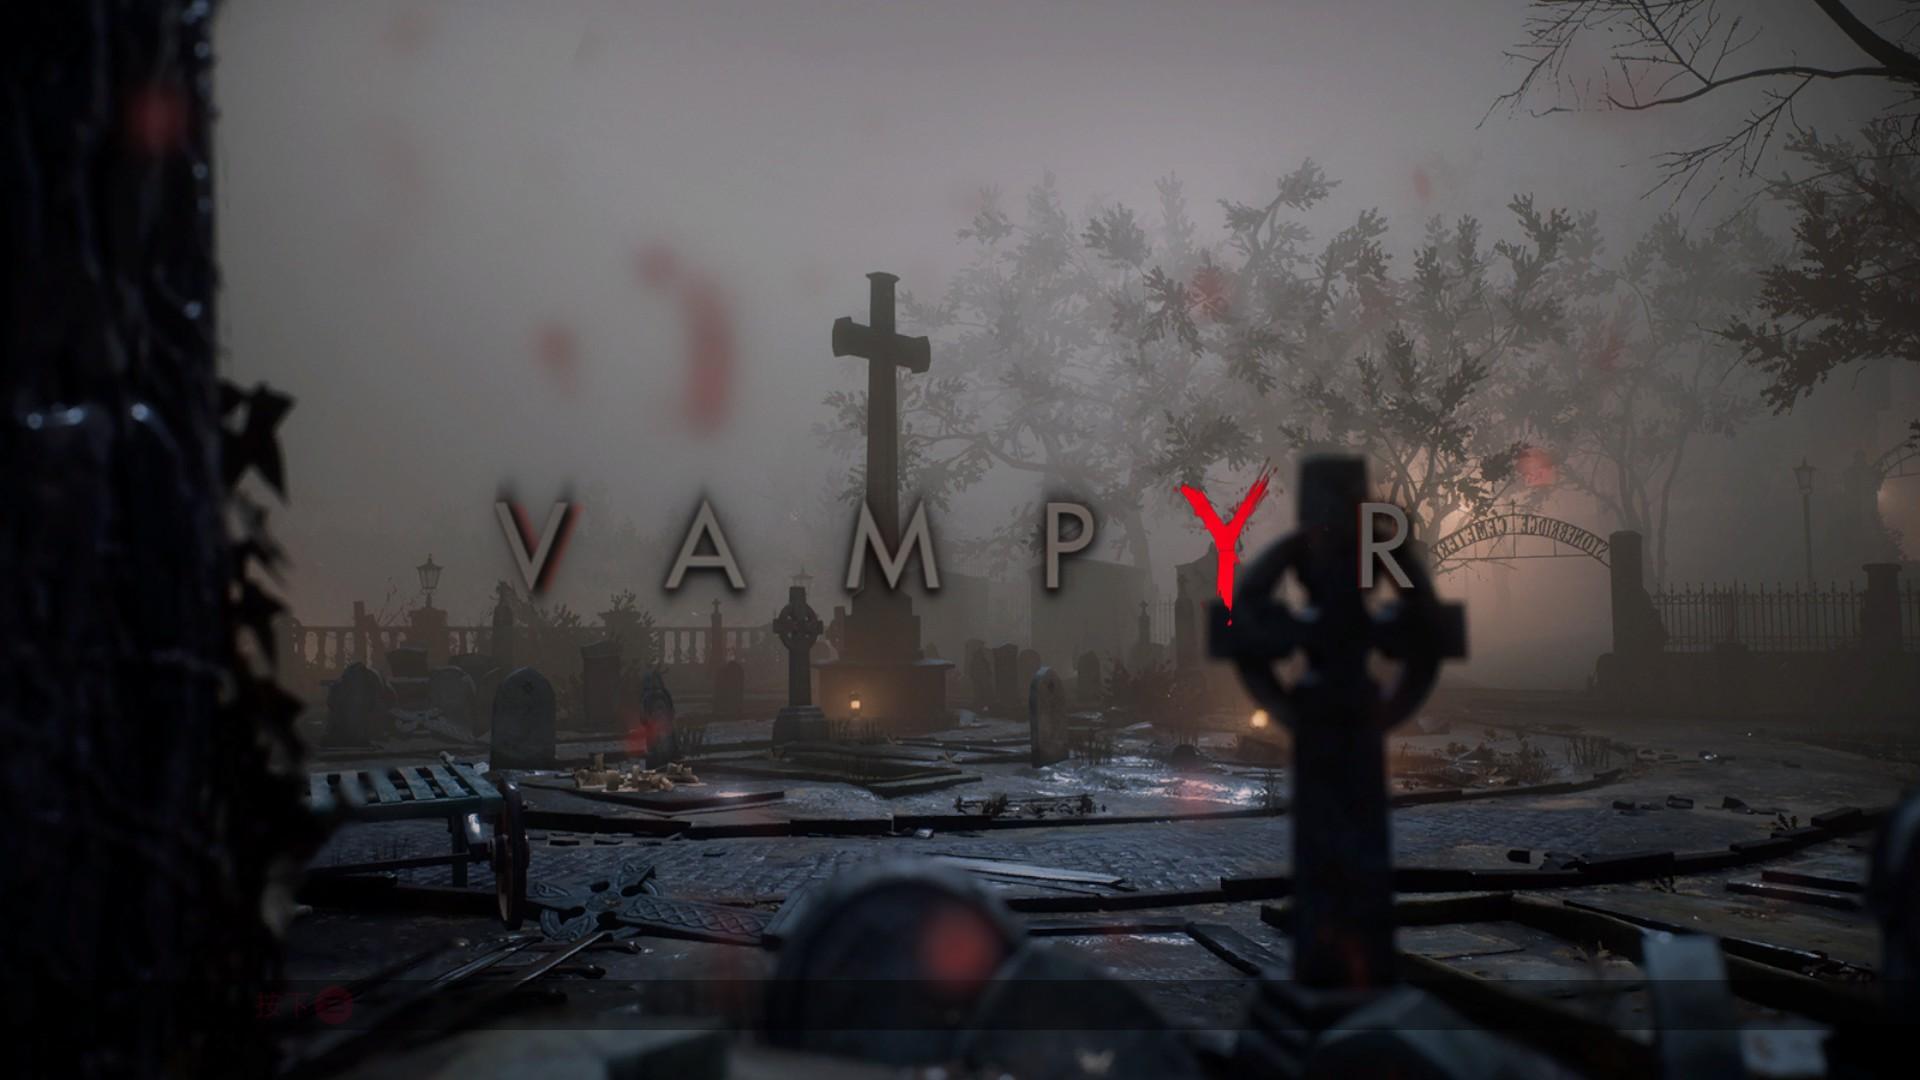 吸血鬼虚幻4配置文件修改方法 提高画面效果